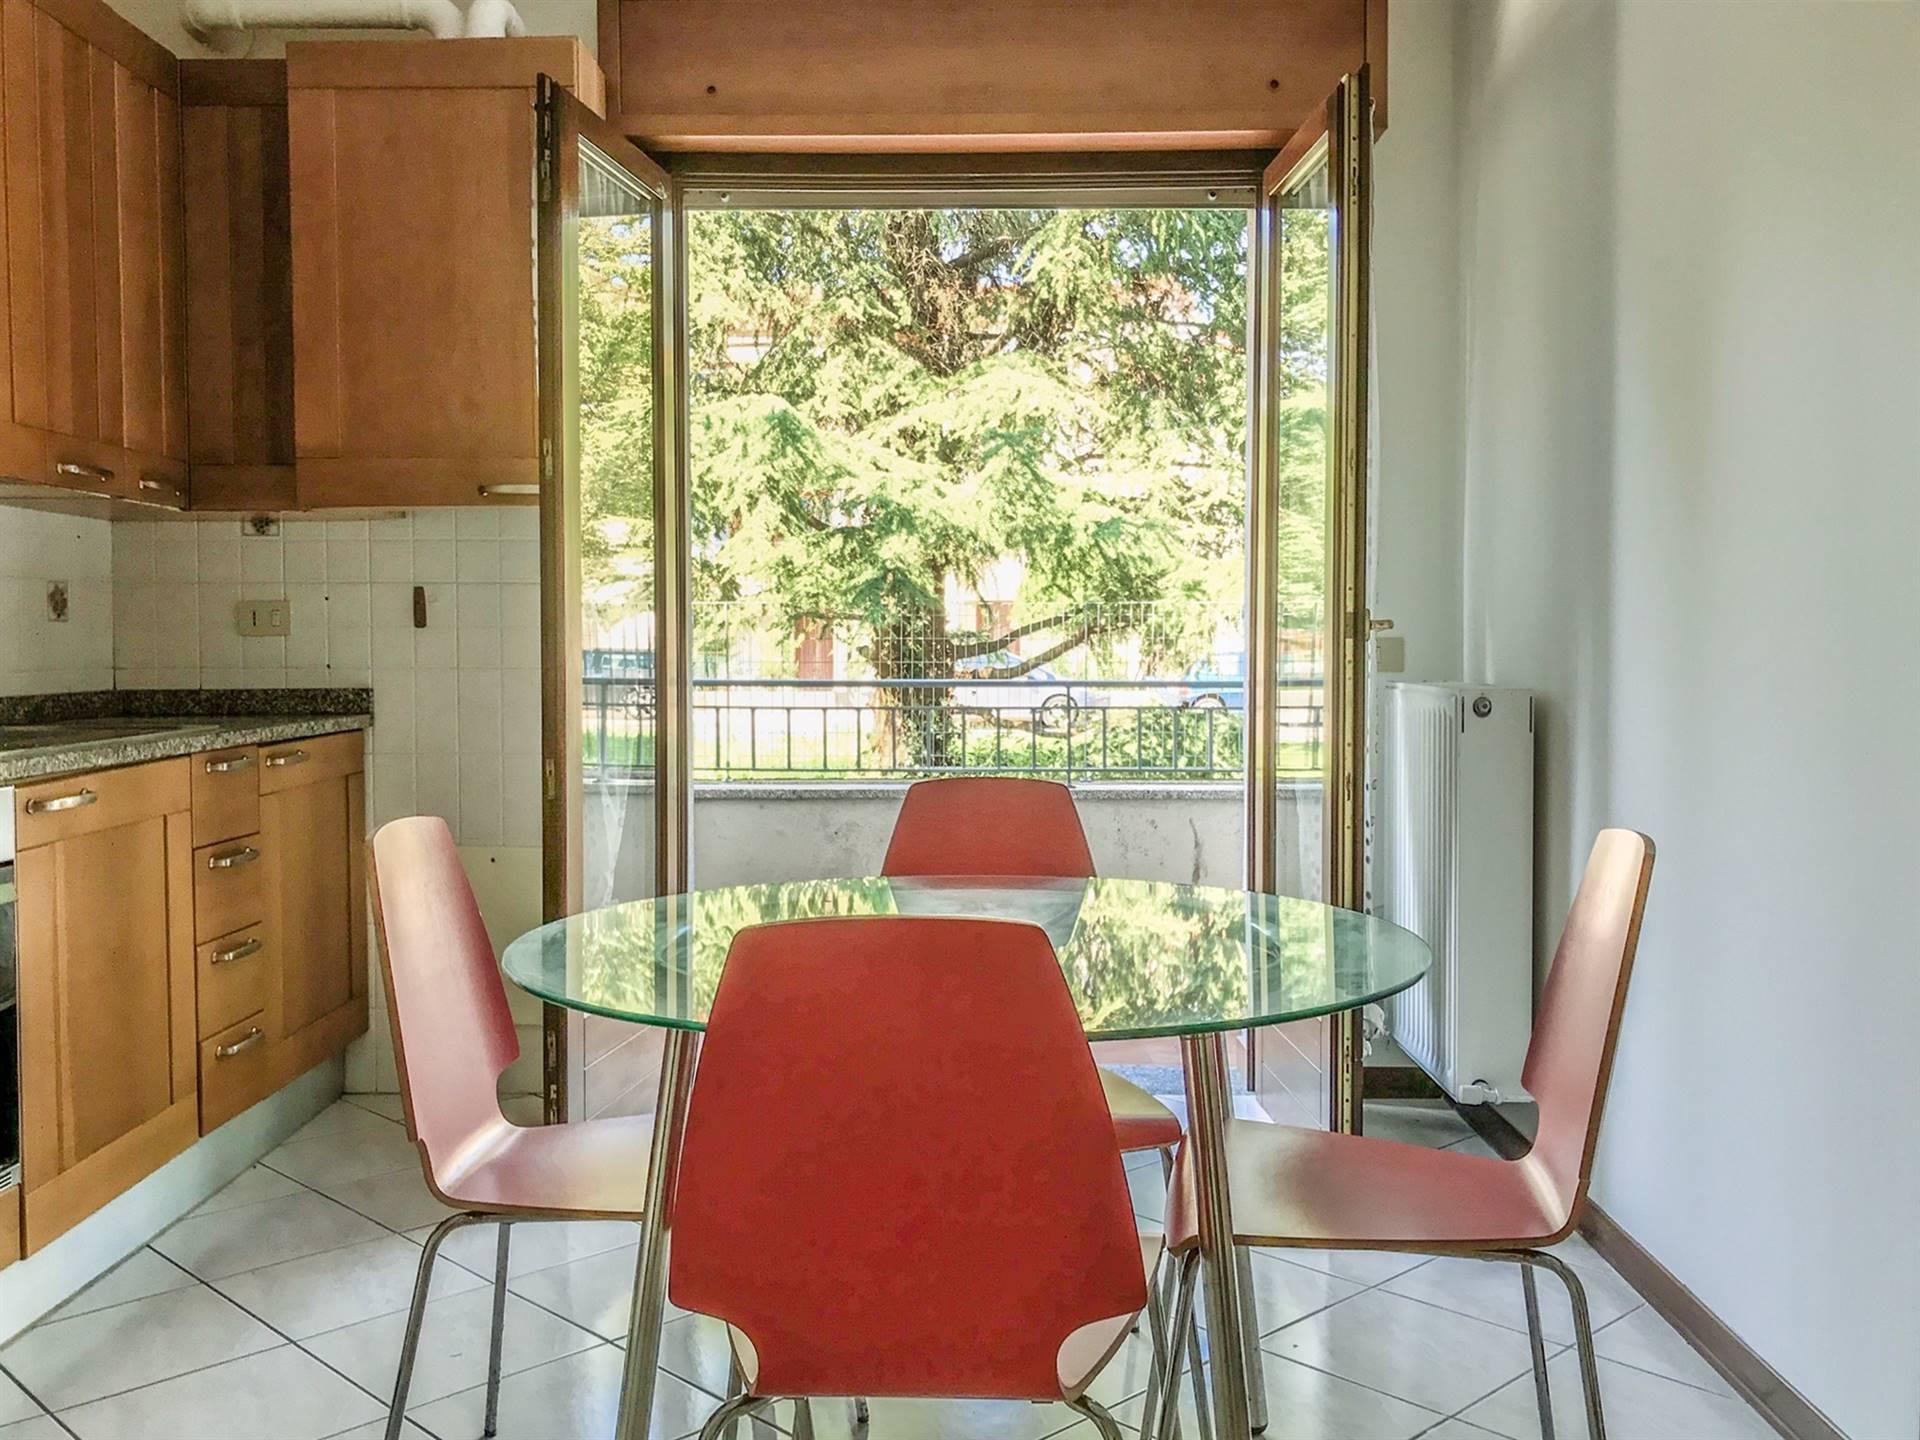 Appartamento in vendita a Ronchi dei Legionari, 3 locali, prezzo € 54.000 | PortaleAgenzieImmobiliari.it